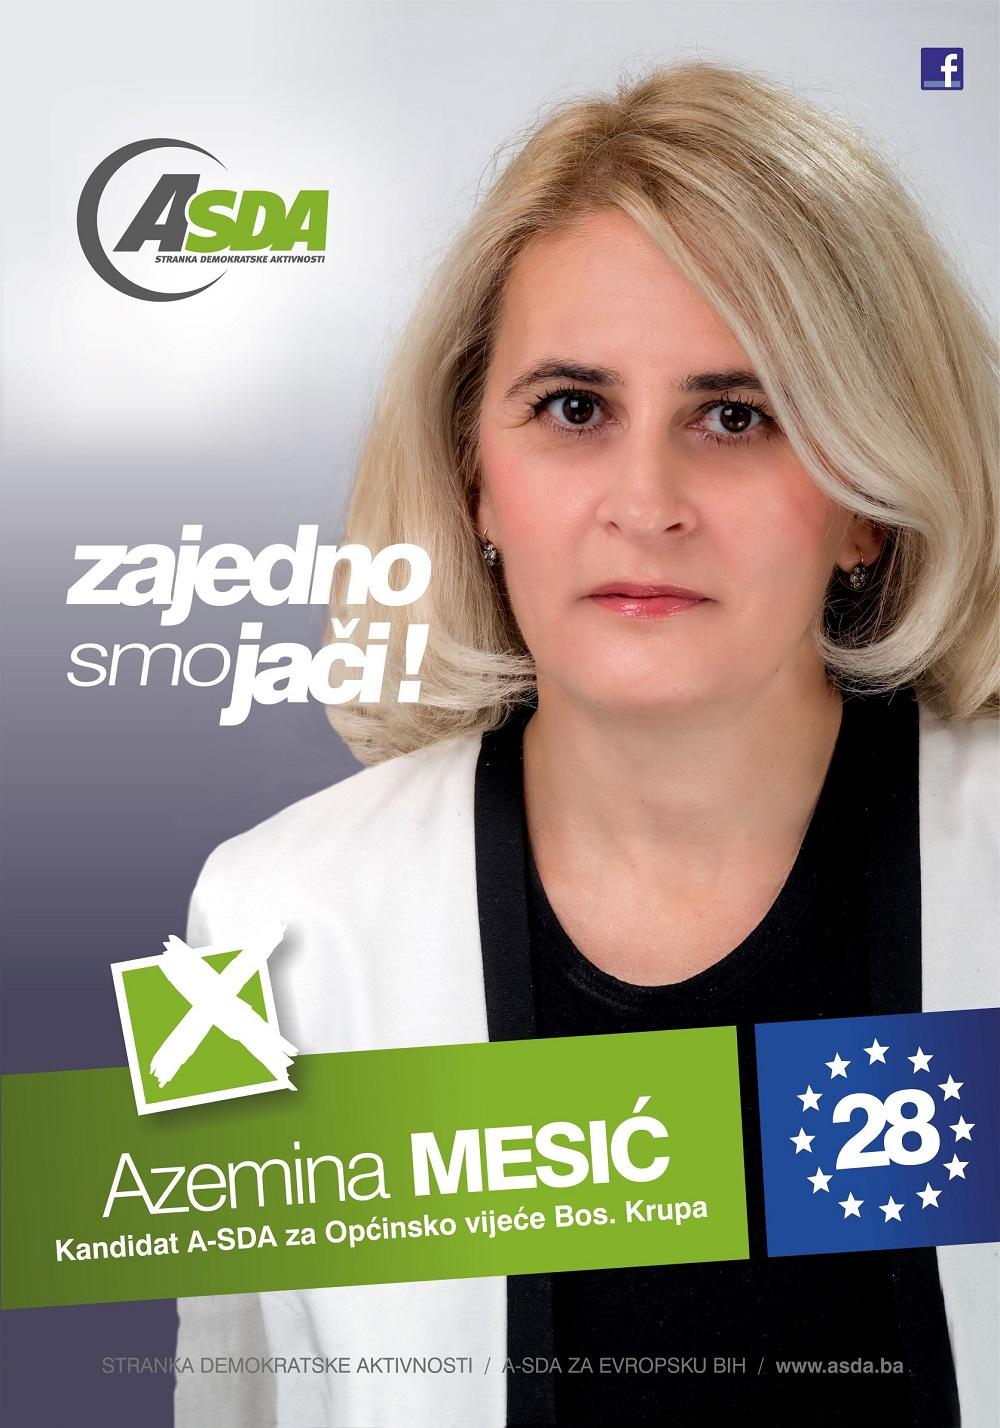 Azemina Mesić